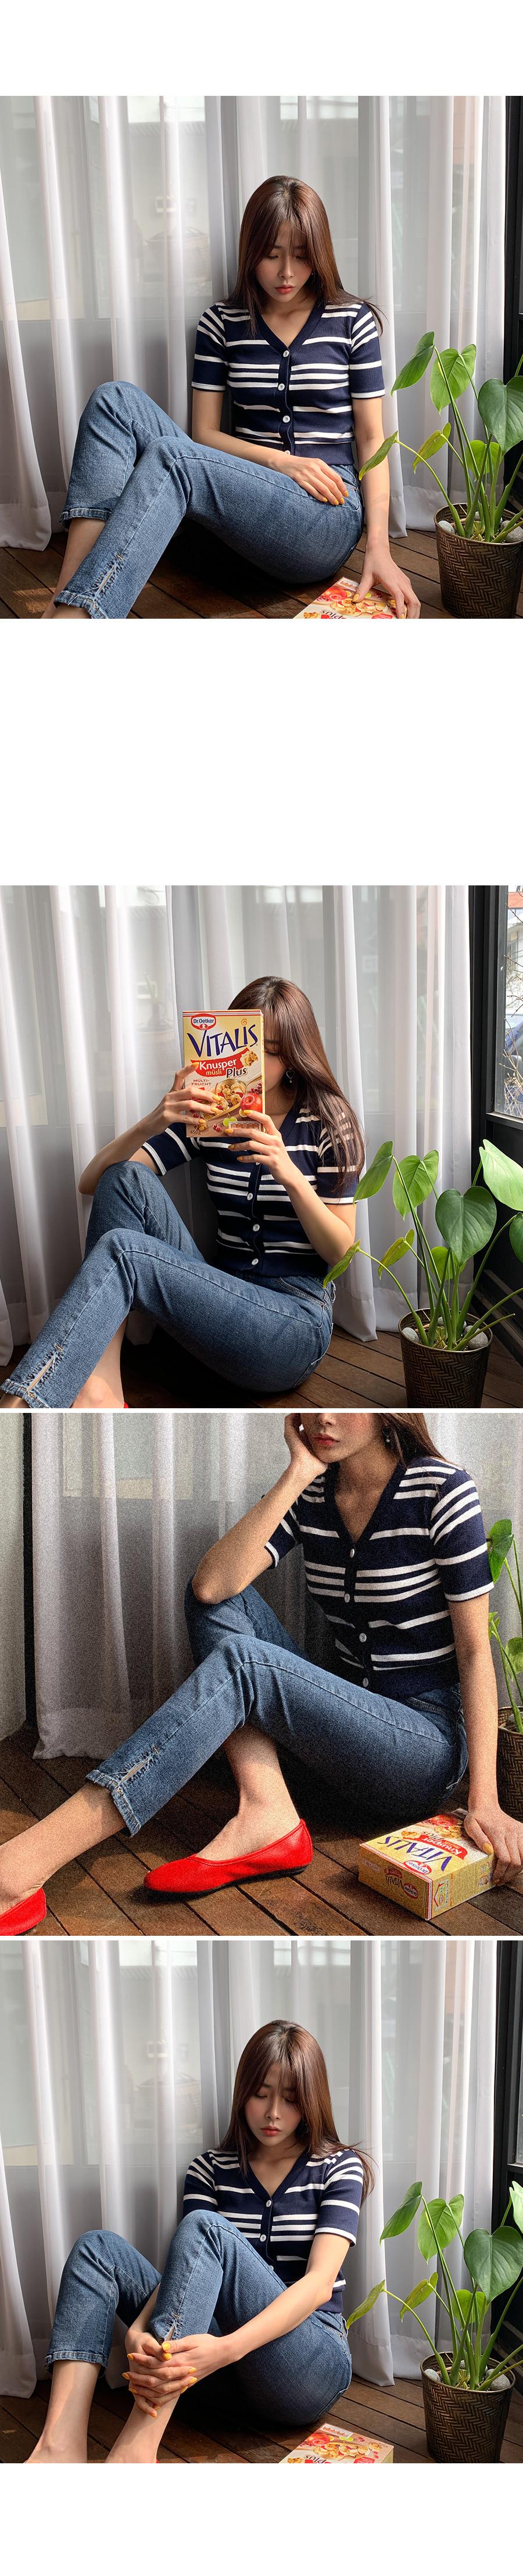 Soda Striped crop cardigan